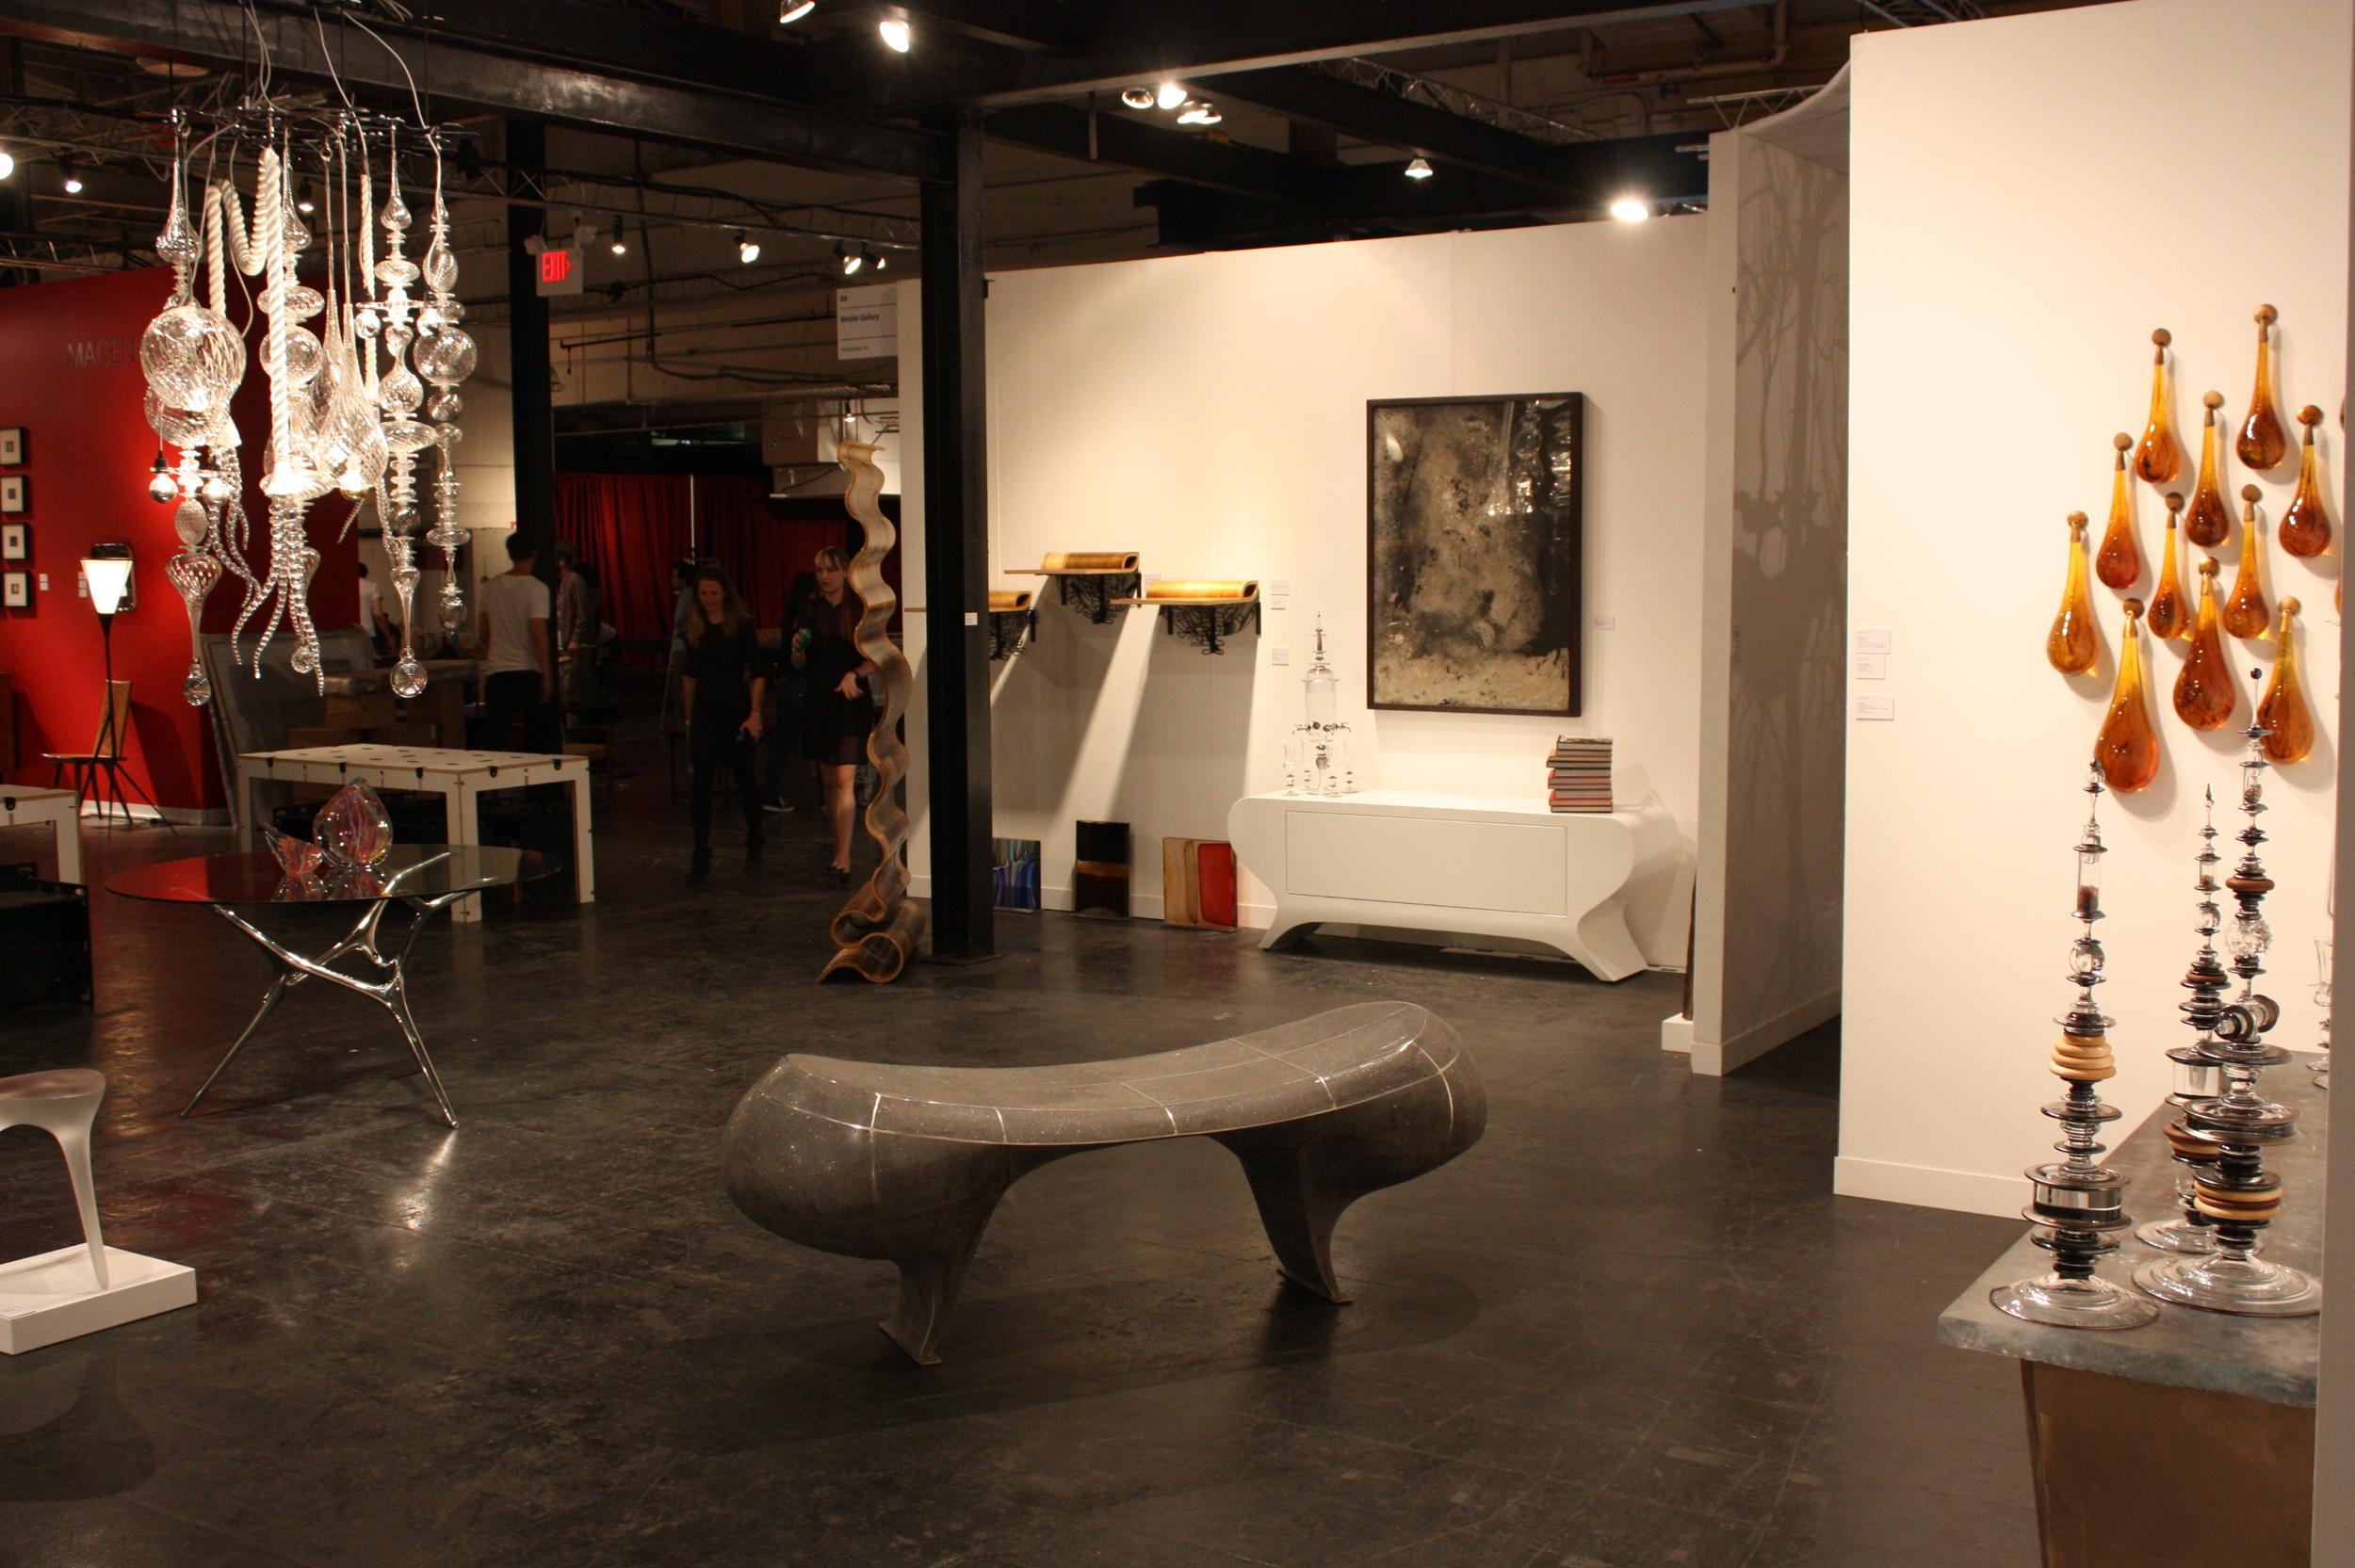 andy-paiko-collective design fair-wexler